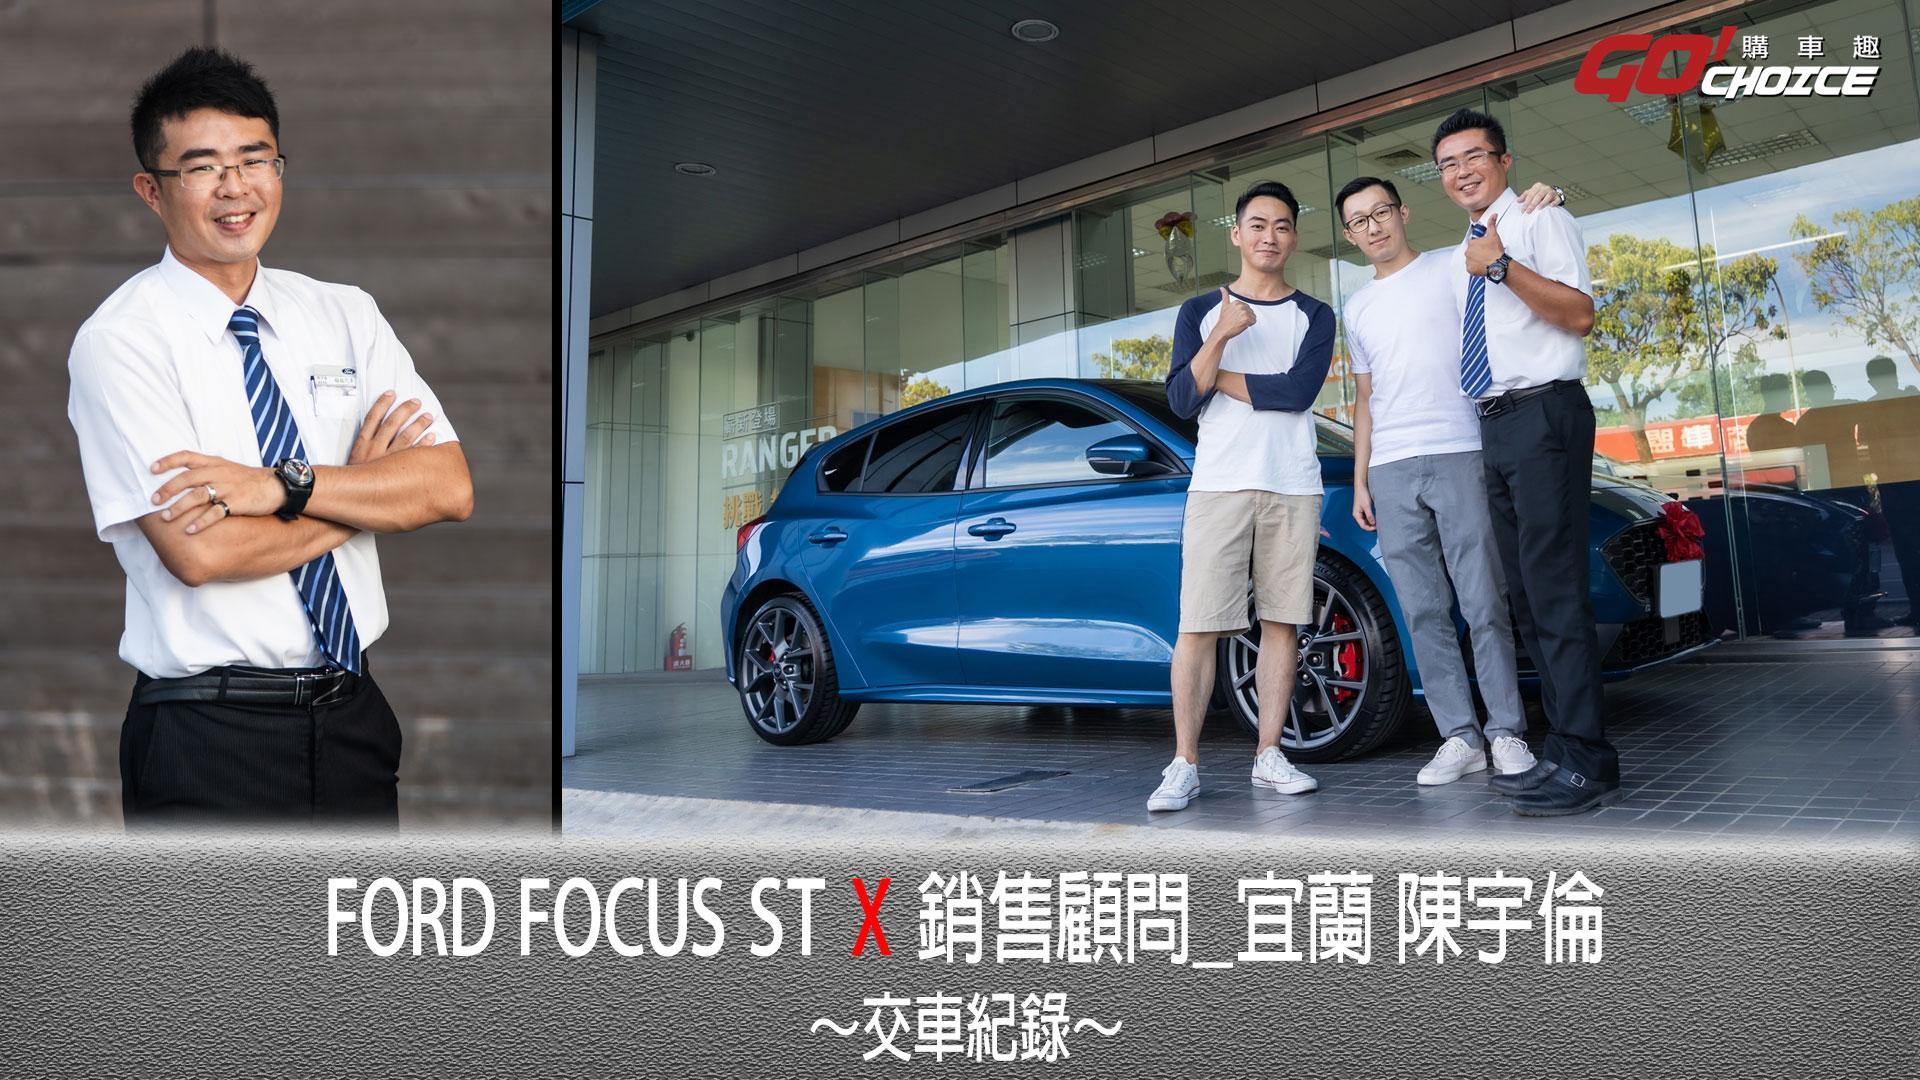 交車紀錄-FORD FOCUS  ST-FORD福特 宜蘭 銷售顧問_陳宇倫